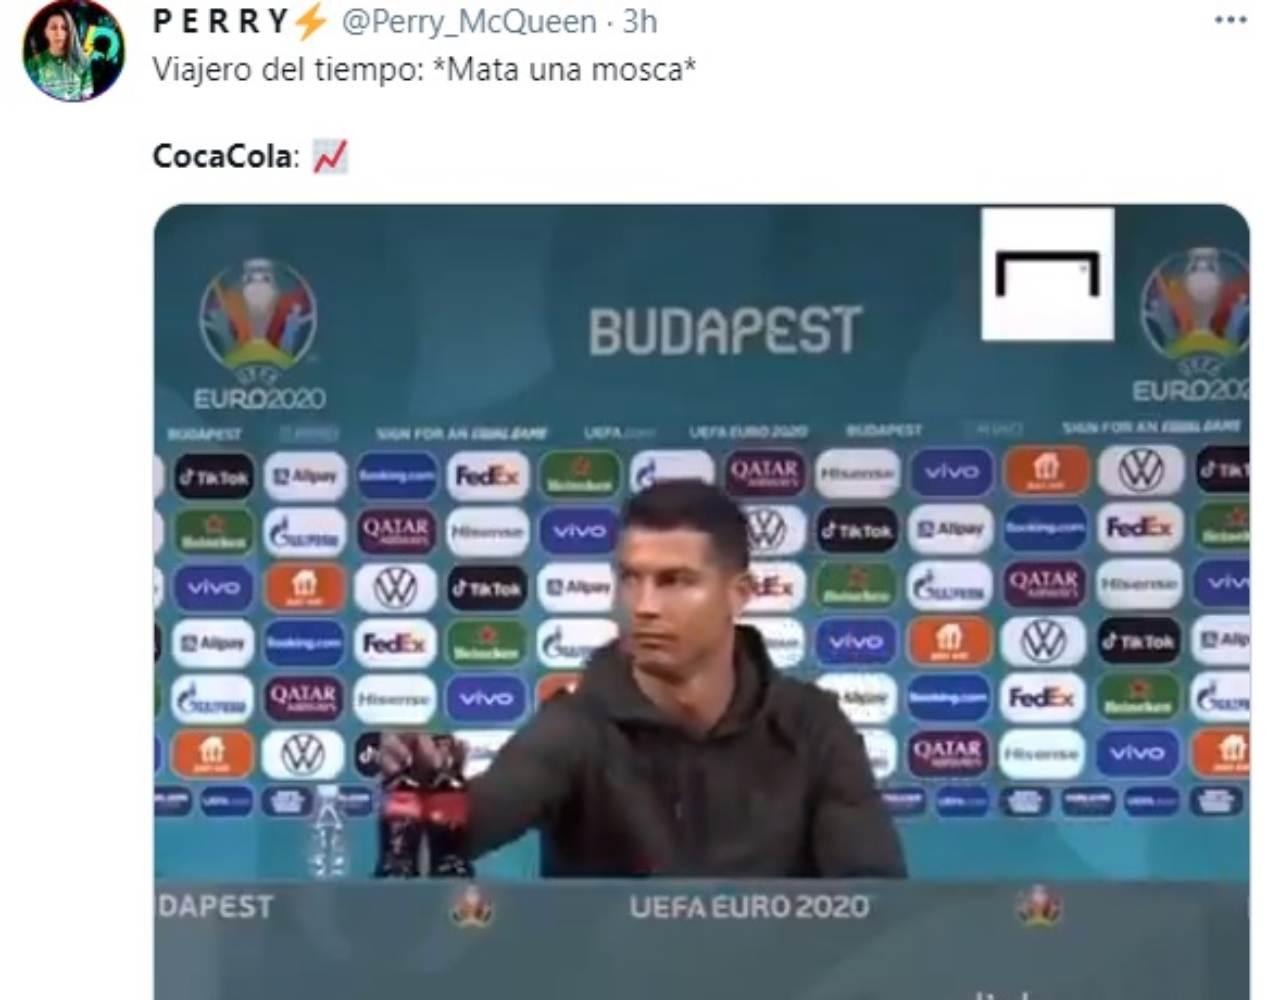 Cristiano Ronaldo viajero en el tiempo